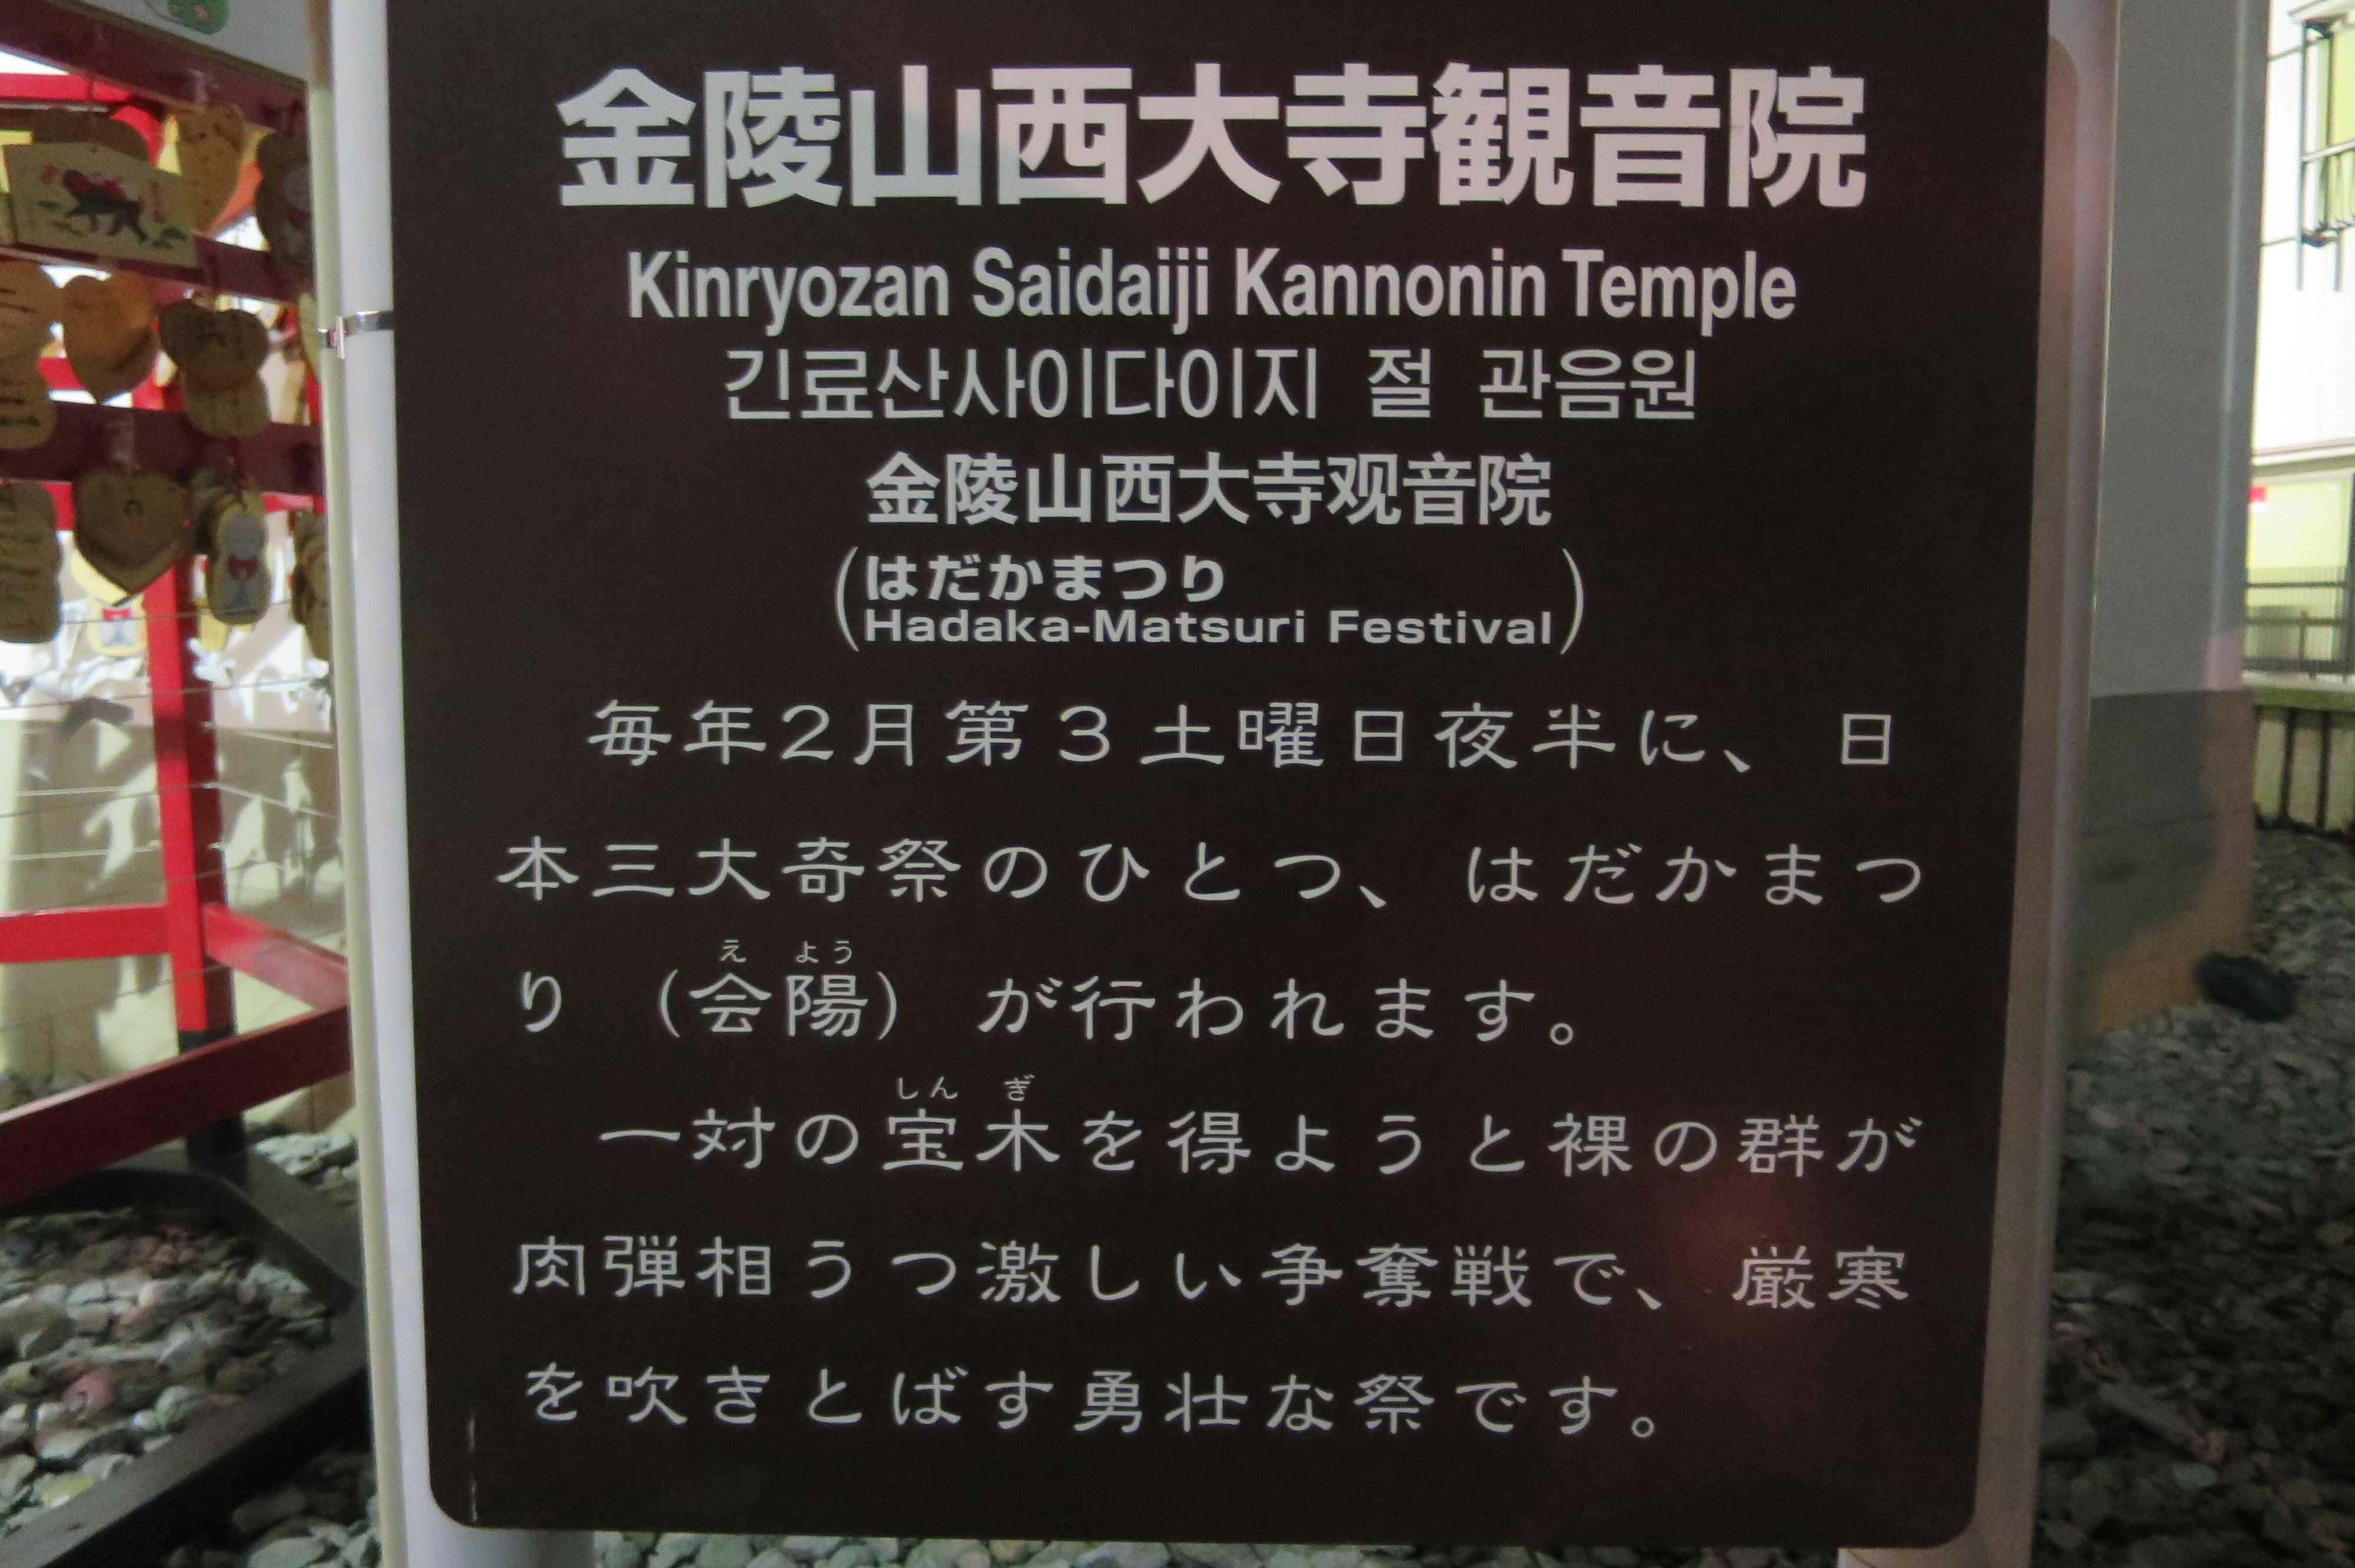 金陵山西大寺観音院 Kinryozan Saidaiji Kannonin Temple